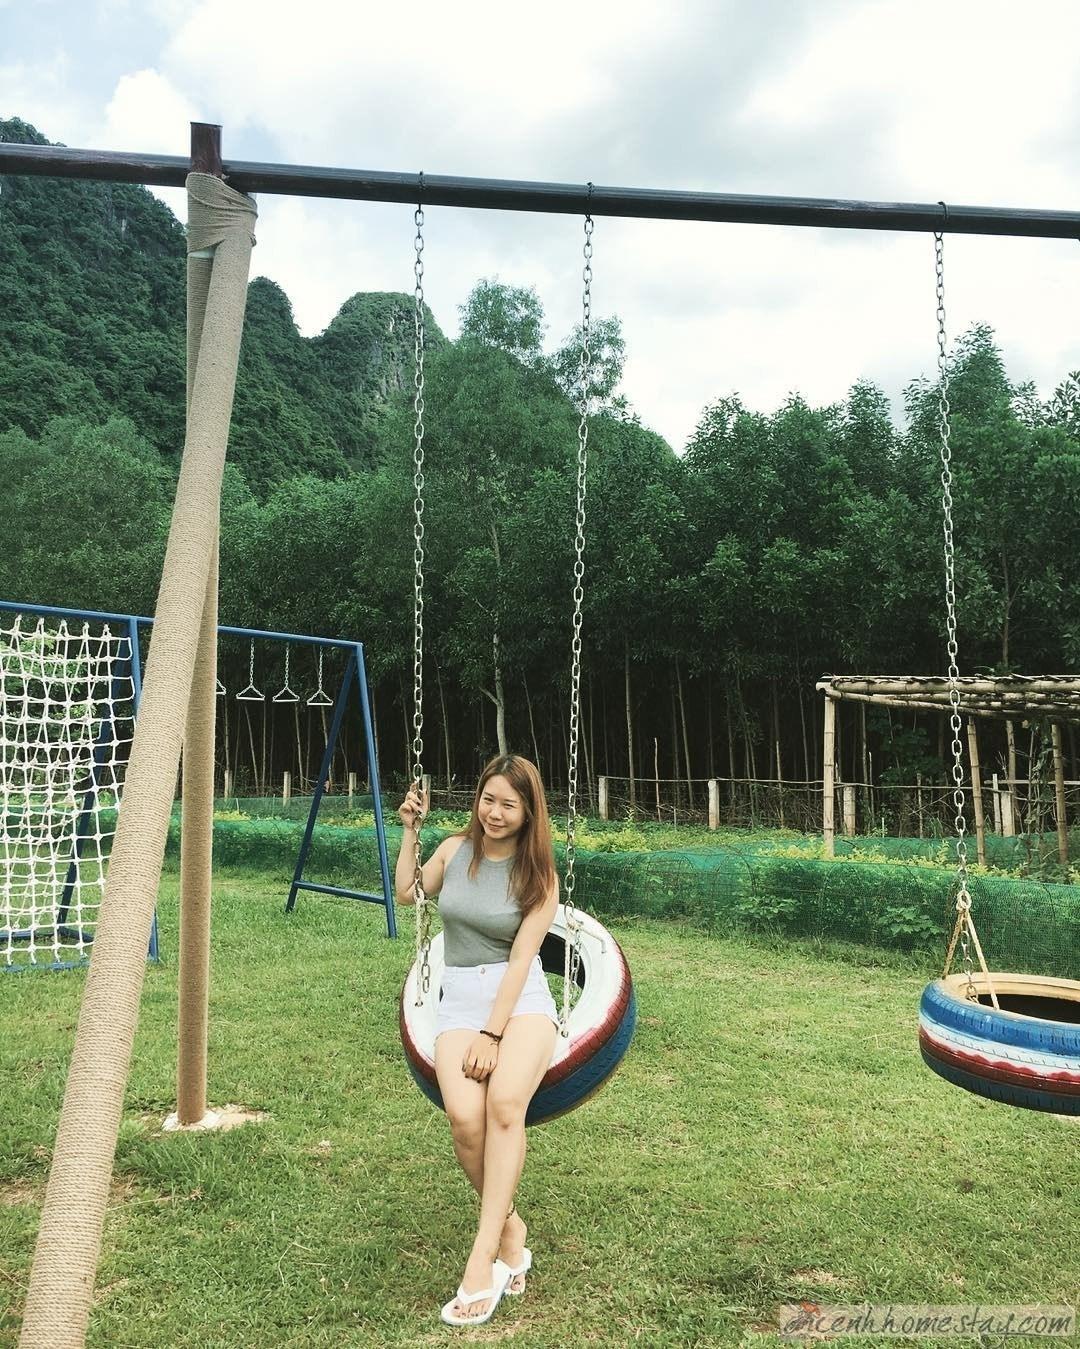 Chày Lập Farmstay tuyệt đẹp ở Quảng Bình